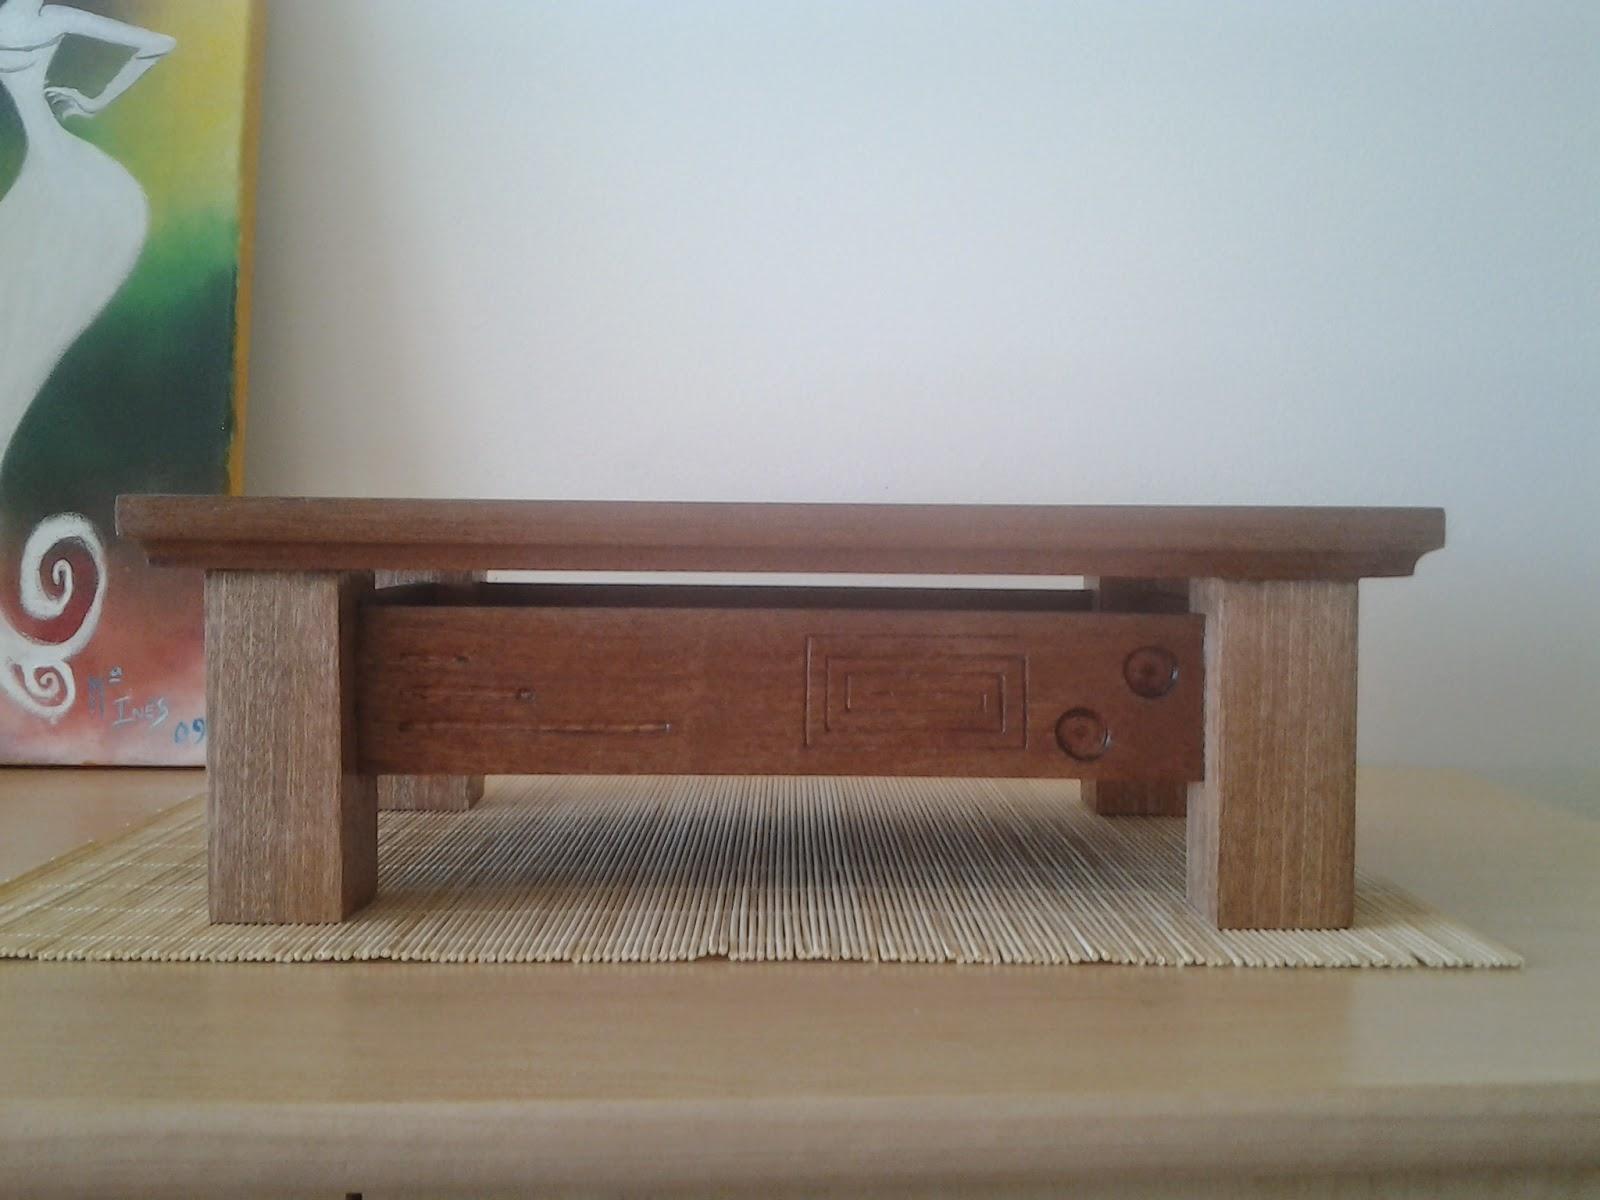 Rvores e lendas mesa para bonsai home made - Mesas para bonsai ...